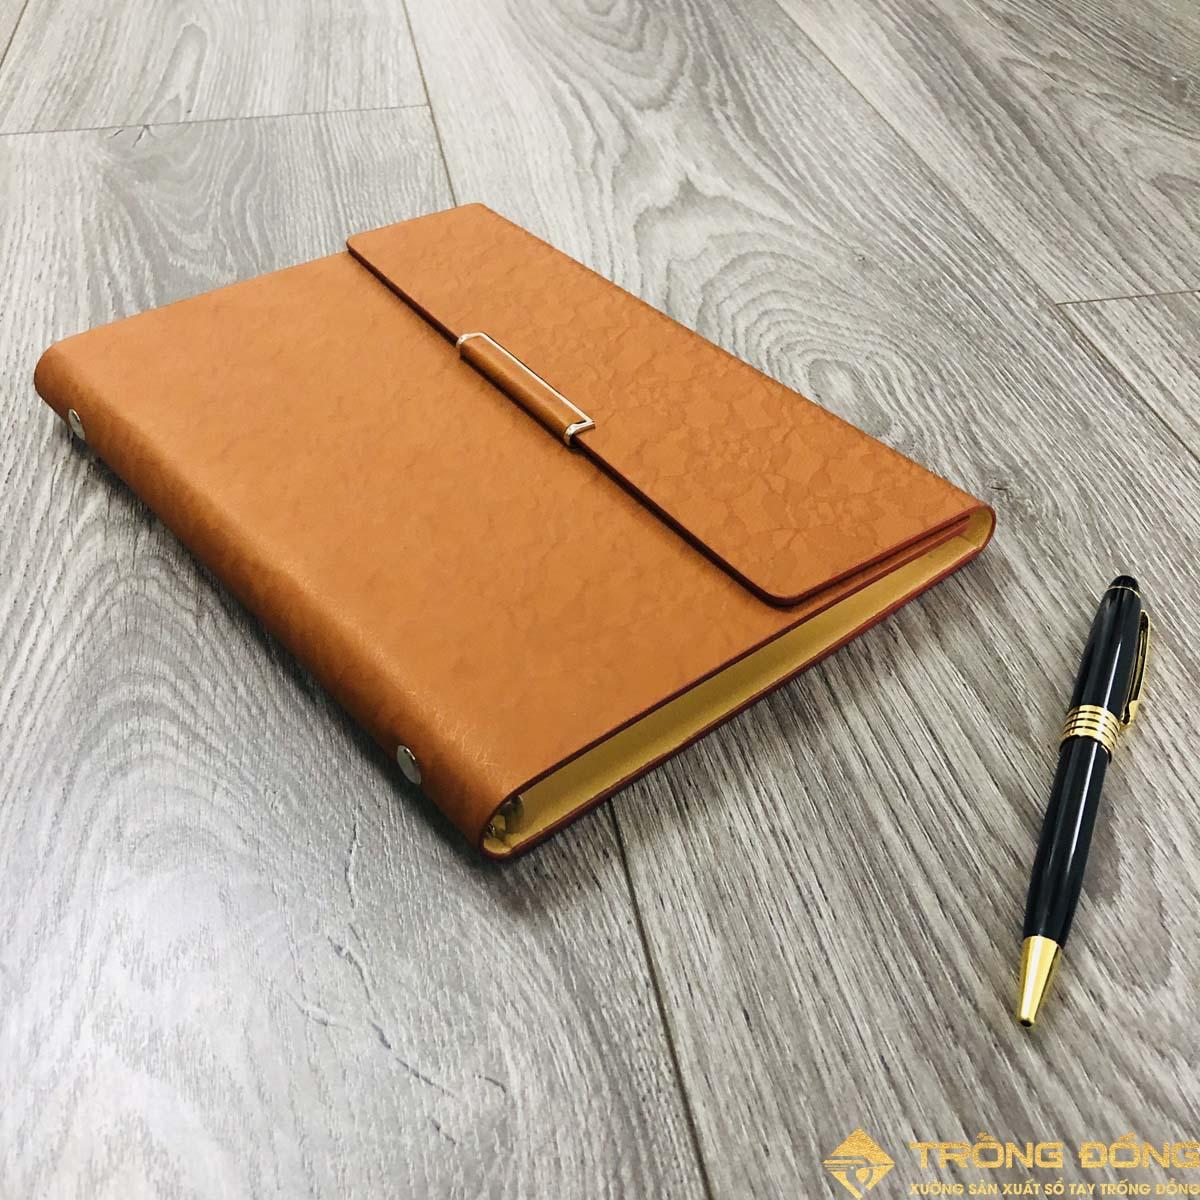 Phần bìa da của mẫu sổ tay có sẵn LSA5 Lắp Chéo B